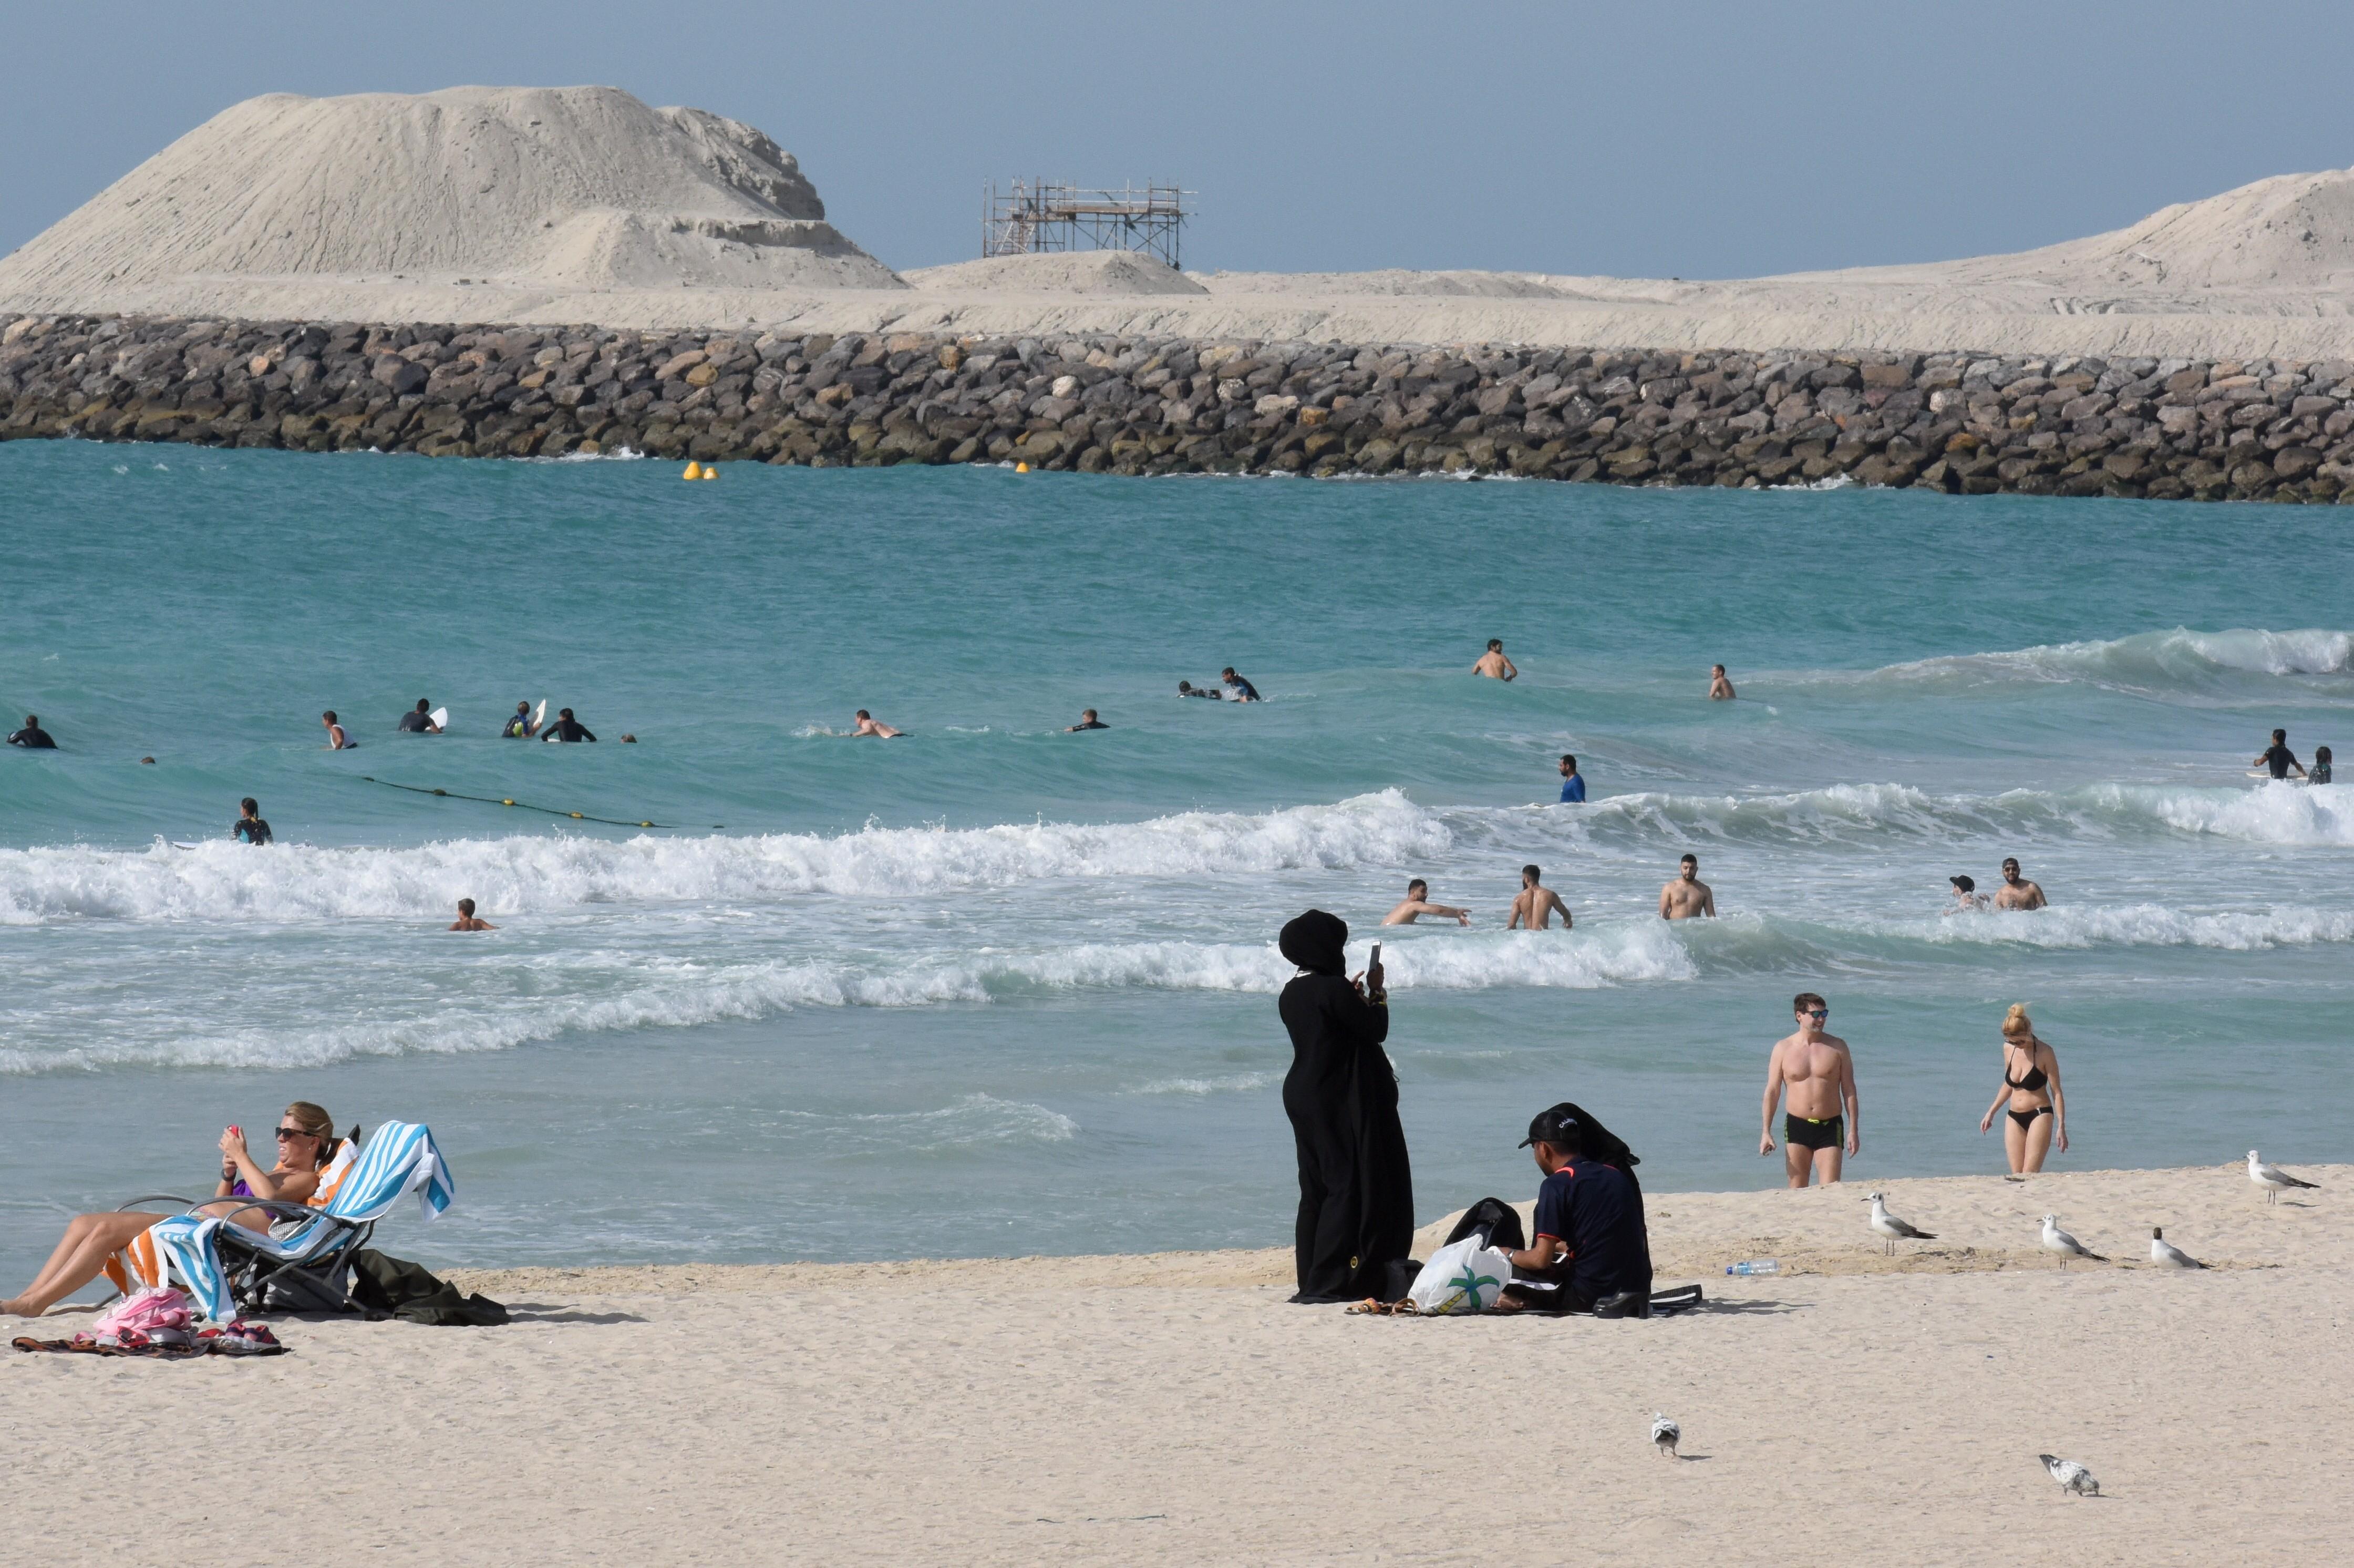 <p>Сегодня в ОАЭ зафиксировано 50,5 градусов жары. Фото:<span>&copy; РИА Новости/ Владимир Вяткин</span></p>